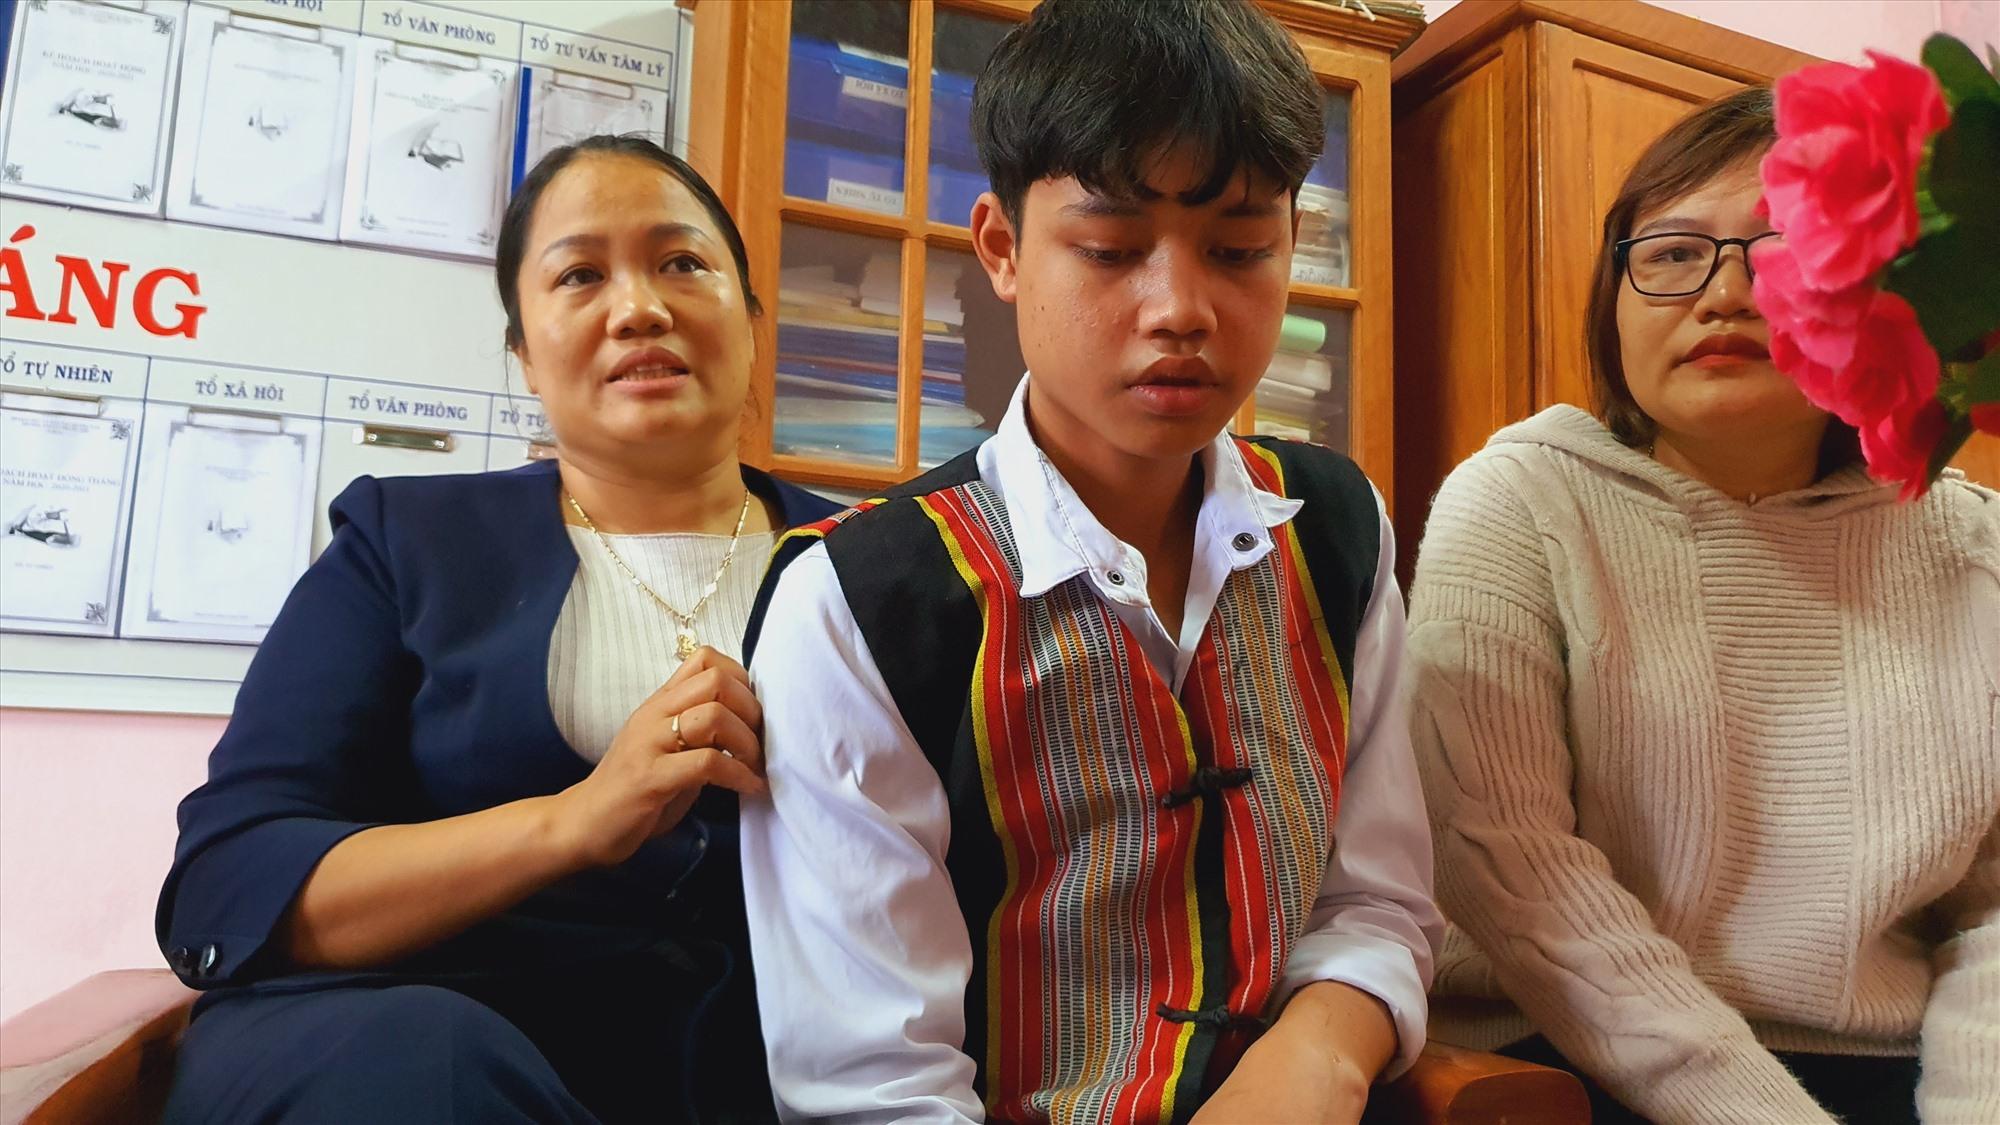 Cô hiệu trưởng Phạm Thị Thứ (ngoài cùng bên trái) nói, trường học giờ là nhà của các em, và thầy cô cũng là người thân của các em trong thời gian sắp tới. Ảnh: T.C